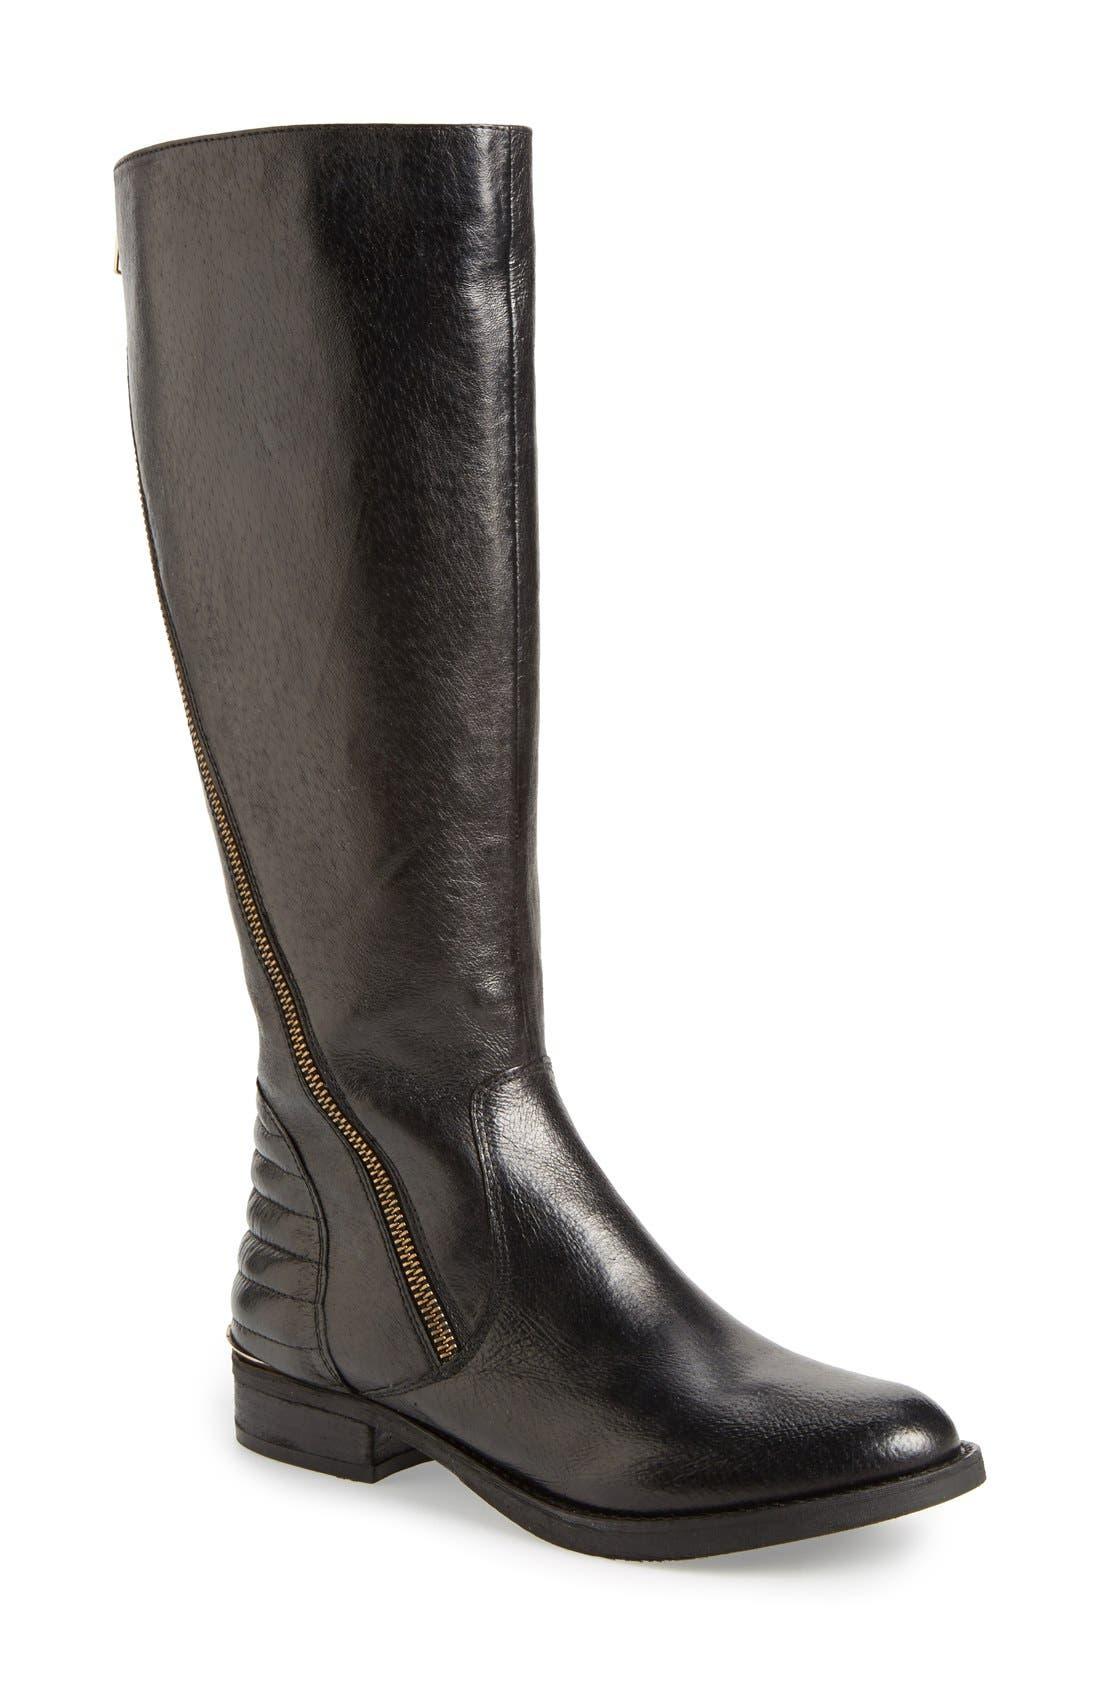 Main Image - Steve Madden 'Abbyy' Boot (Women)